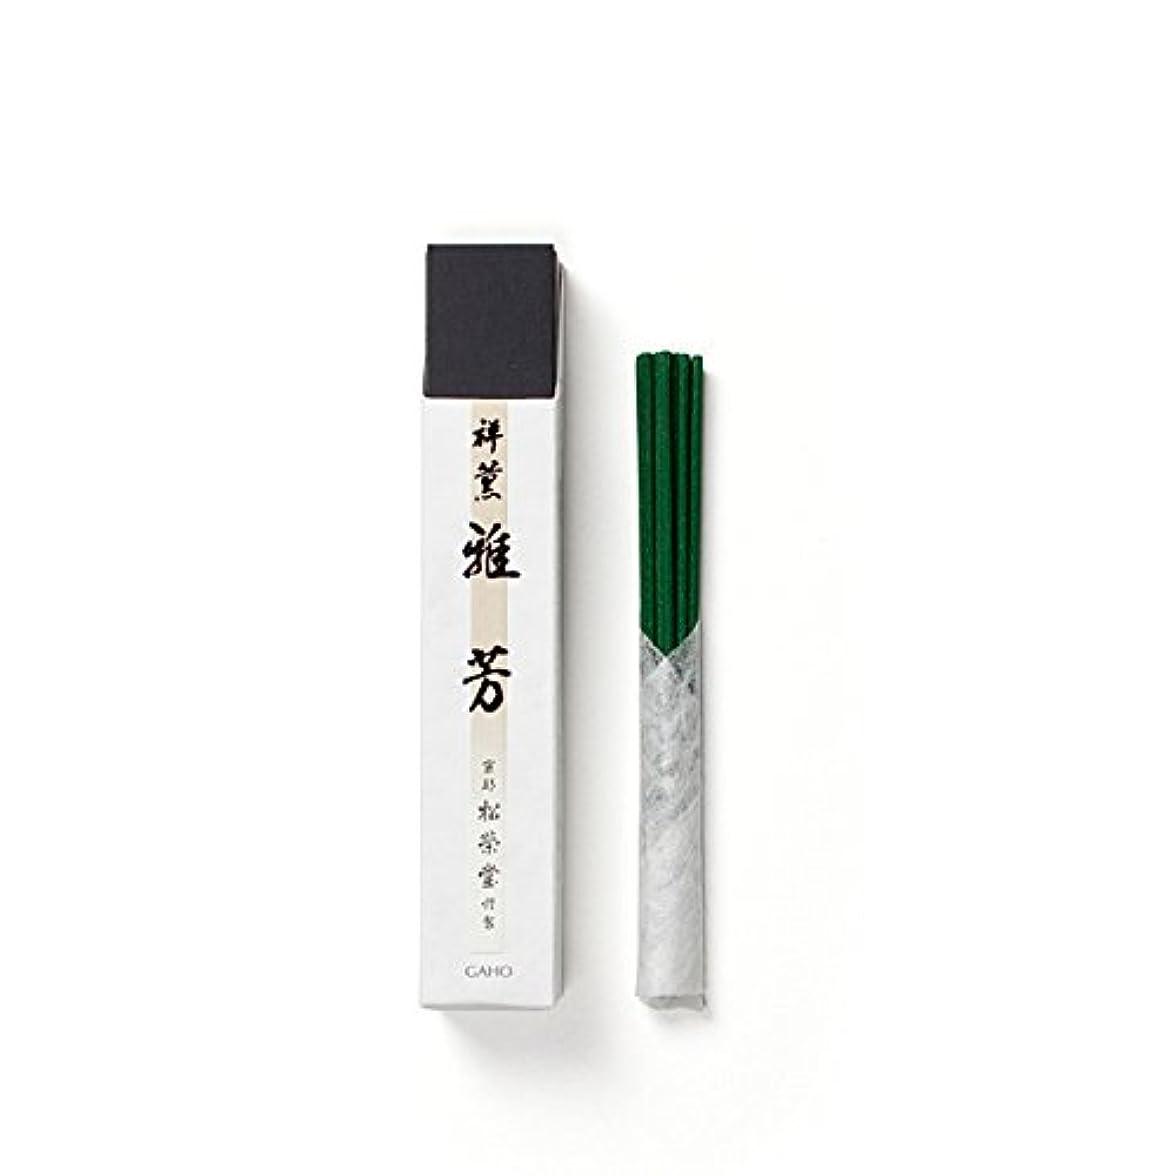 匿名接続サイクロプス松栄堂のお香 祥薫 雅芳 15本入